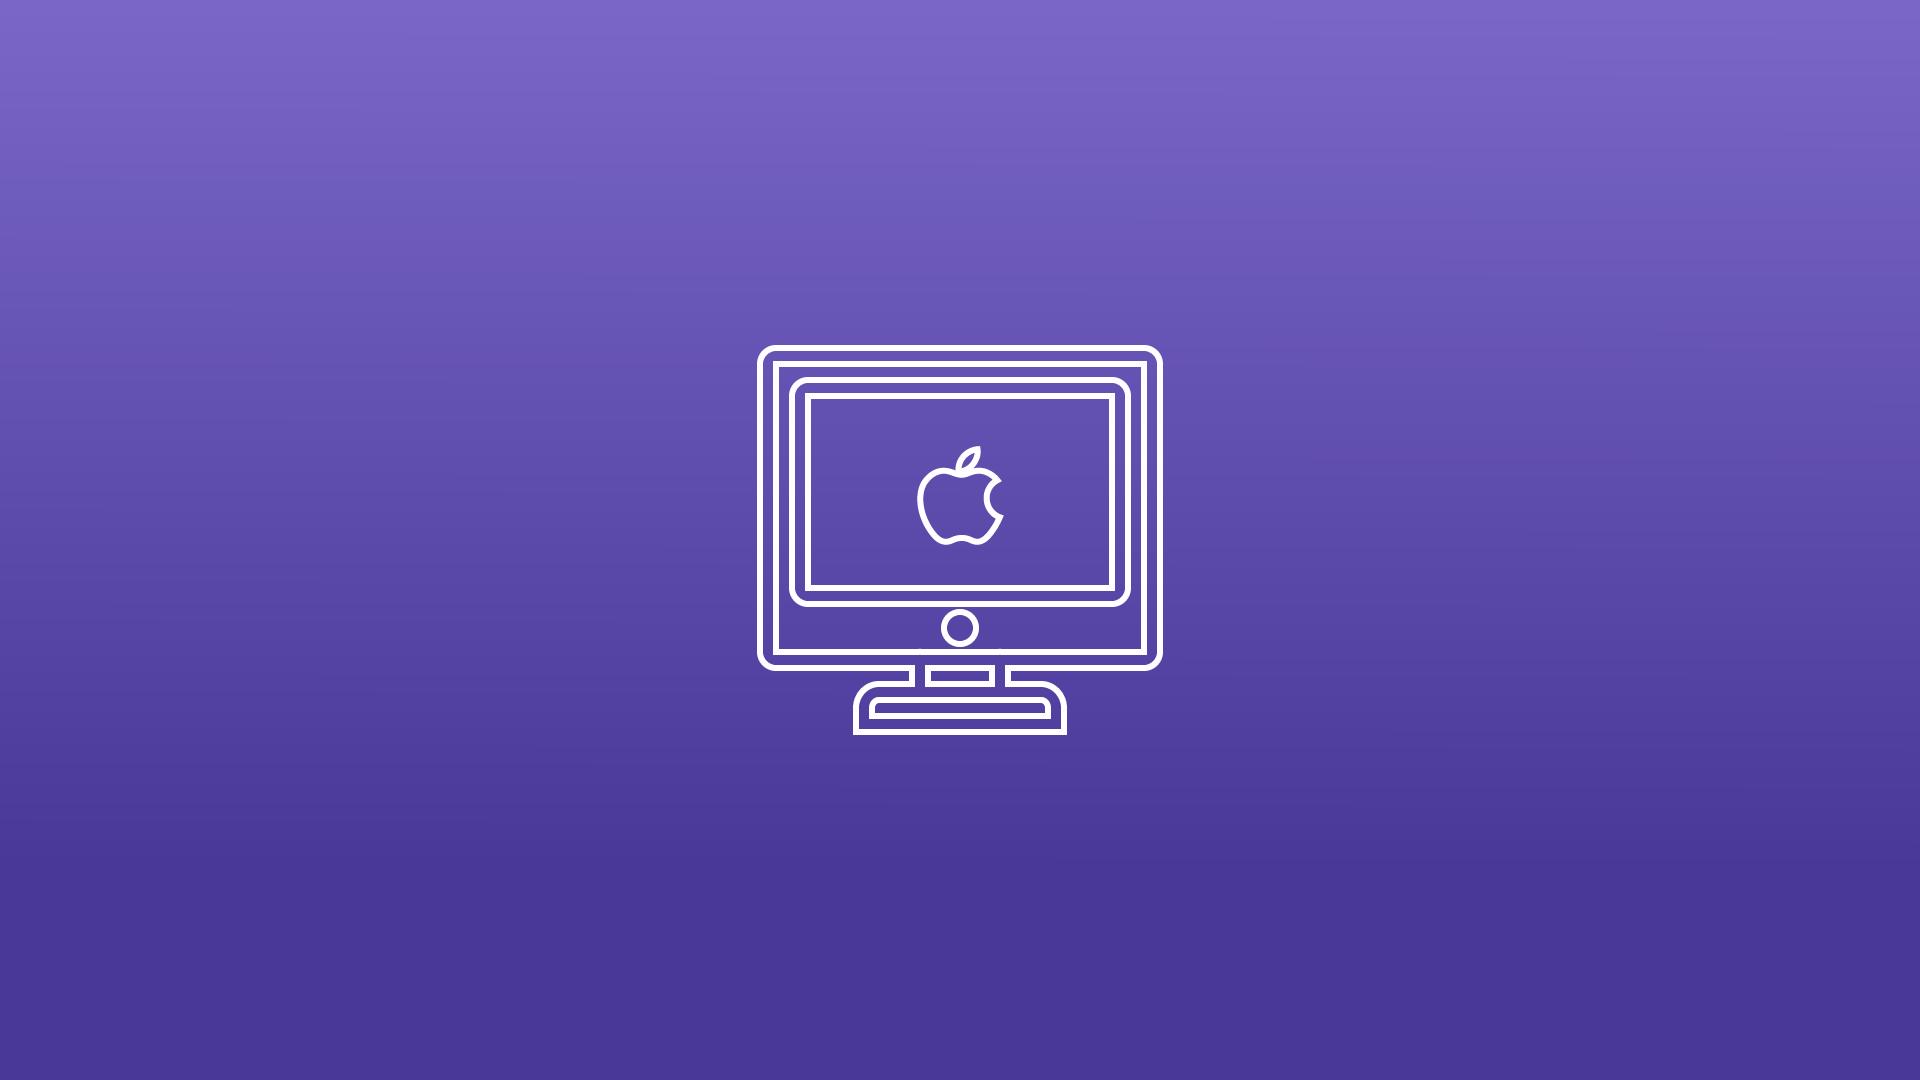 Mac OS X 10.4 (Tiger) - Orientation Training